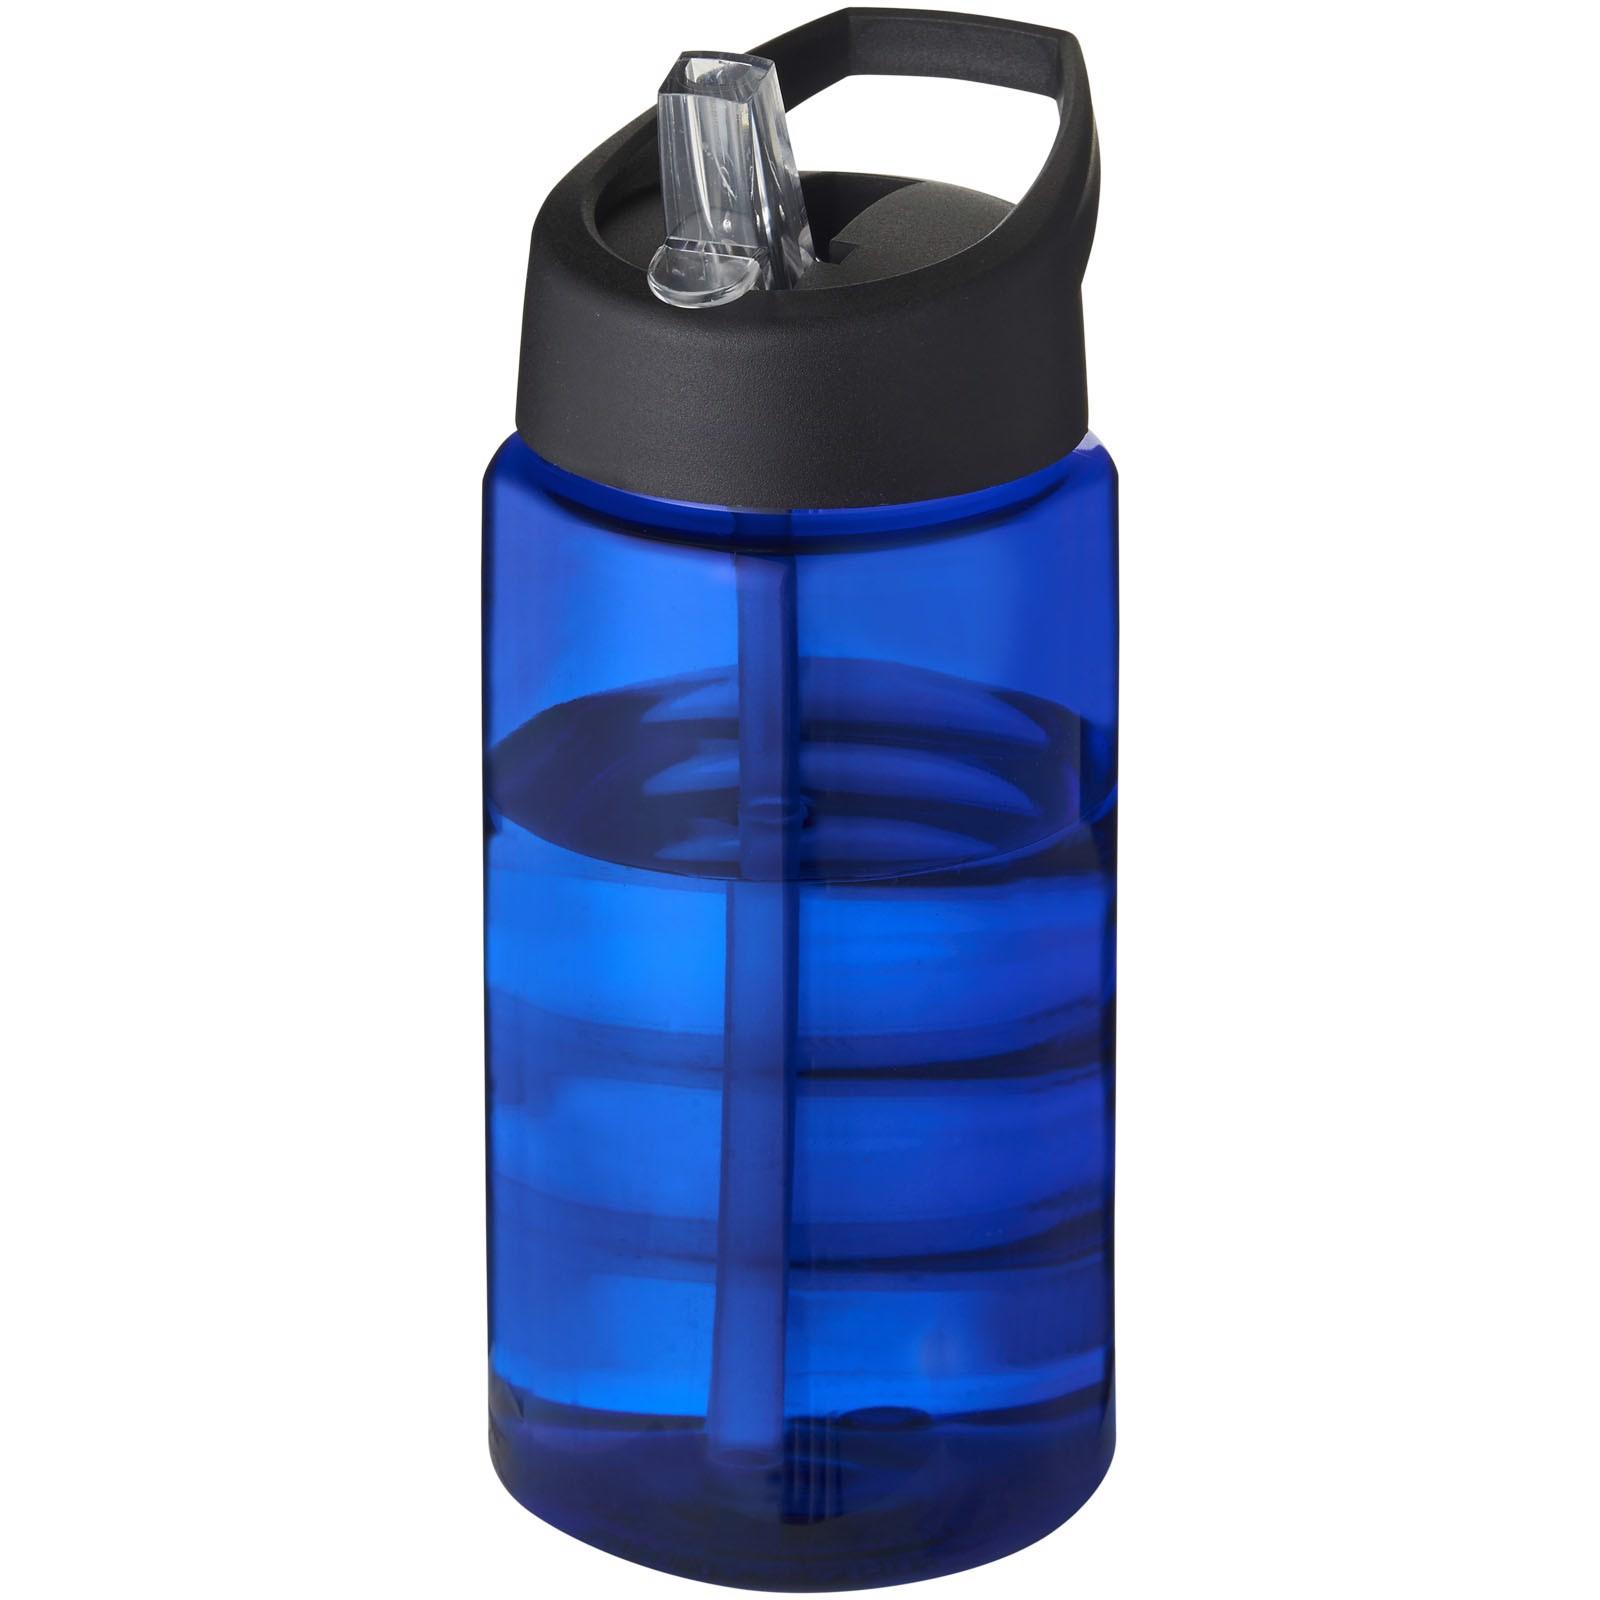 H2O Bop 500 ml Sportflasche mit Ausgussdeckel - Blau